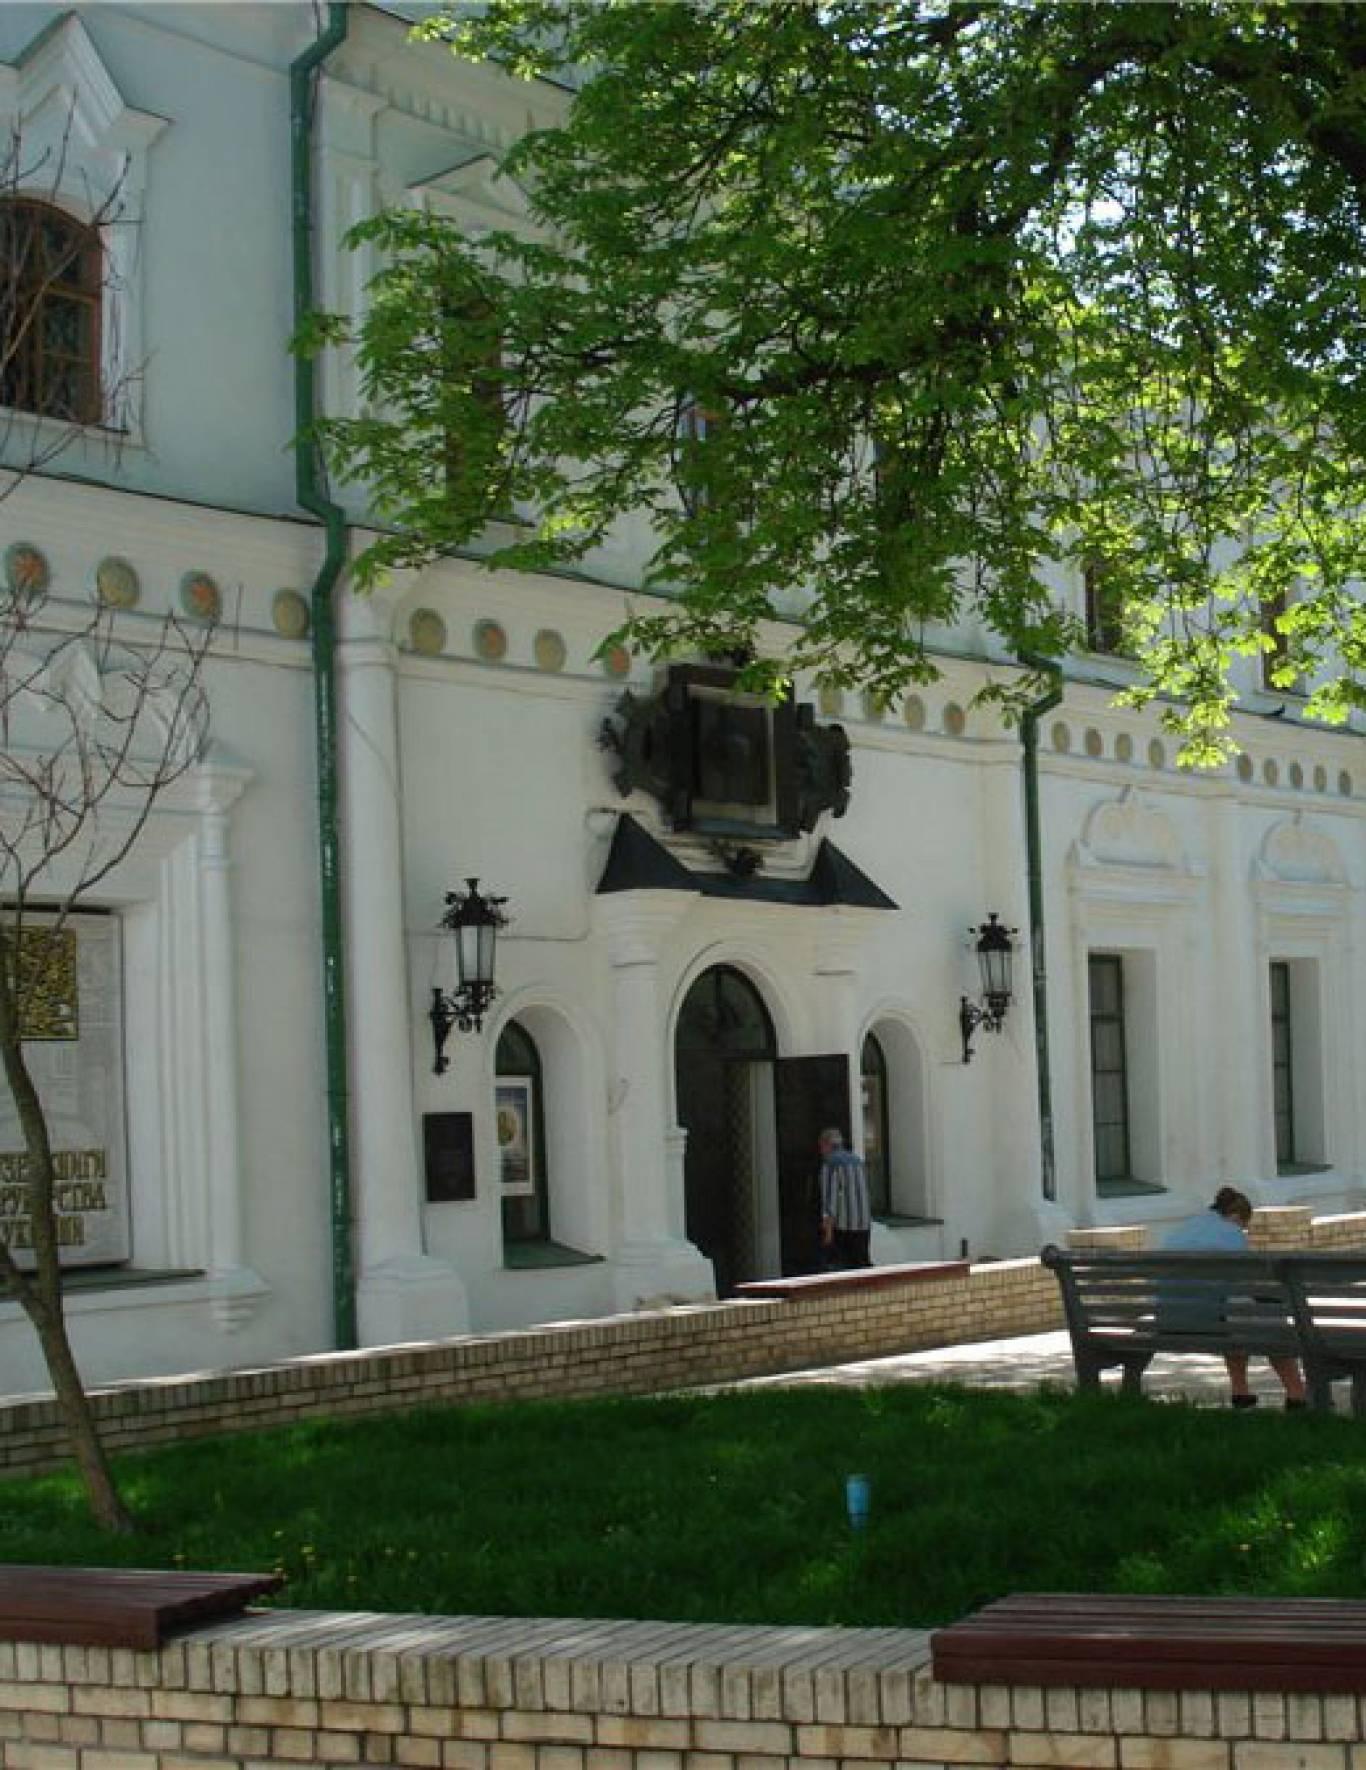 Етно-зустріч:  презентація життя - історія та традиції села Ходосівка Києво-Святошинського району